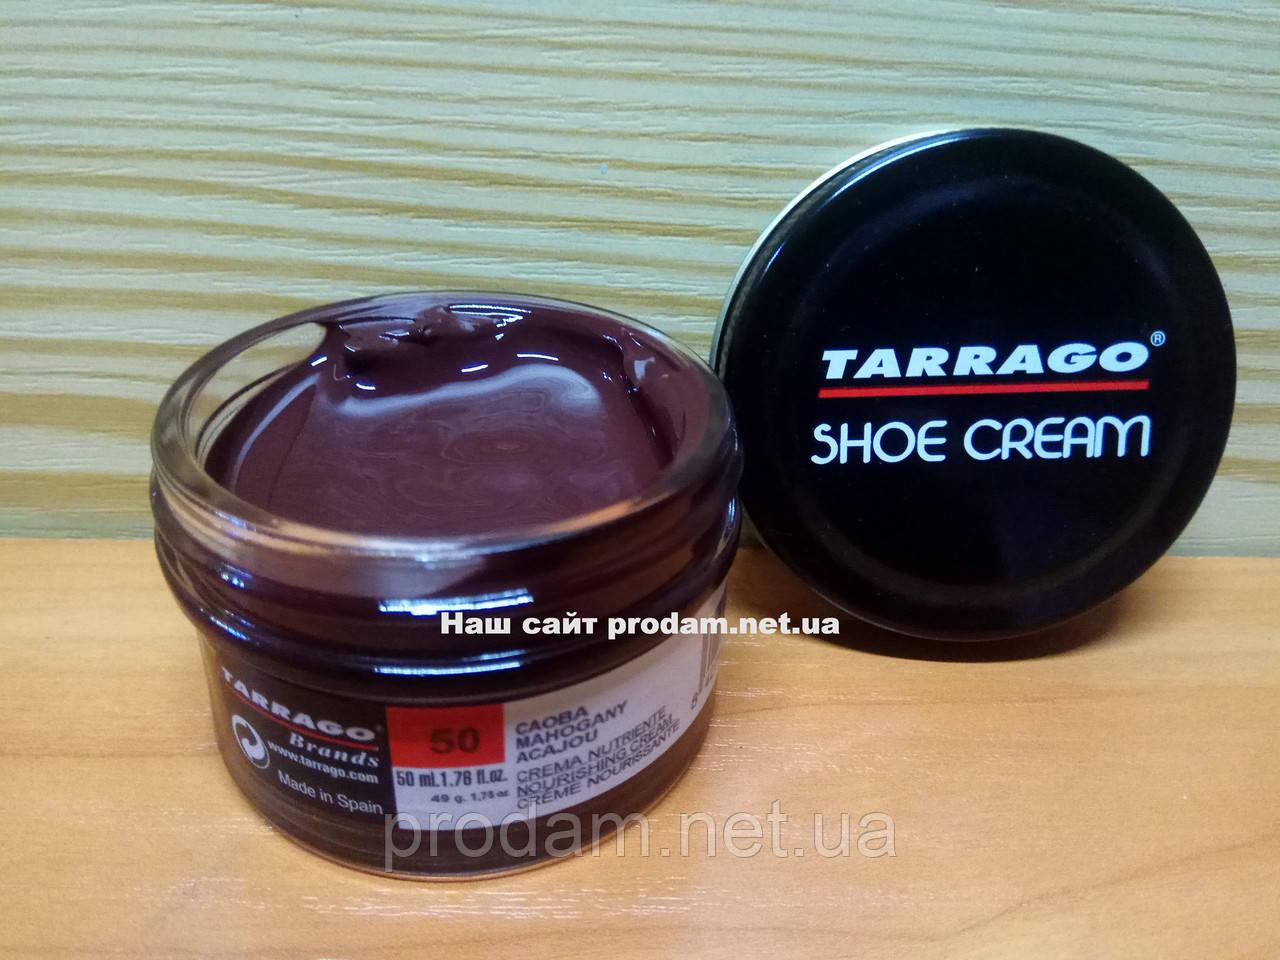 Крем для взуття Tarrago Shoe Cream